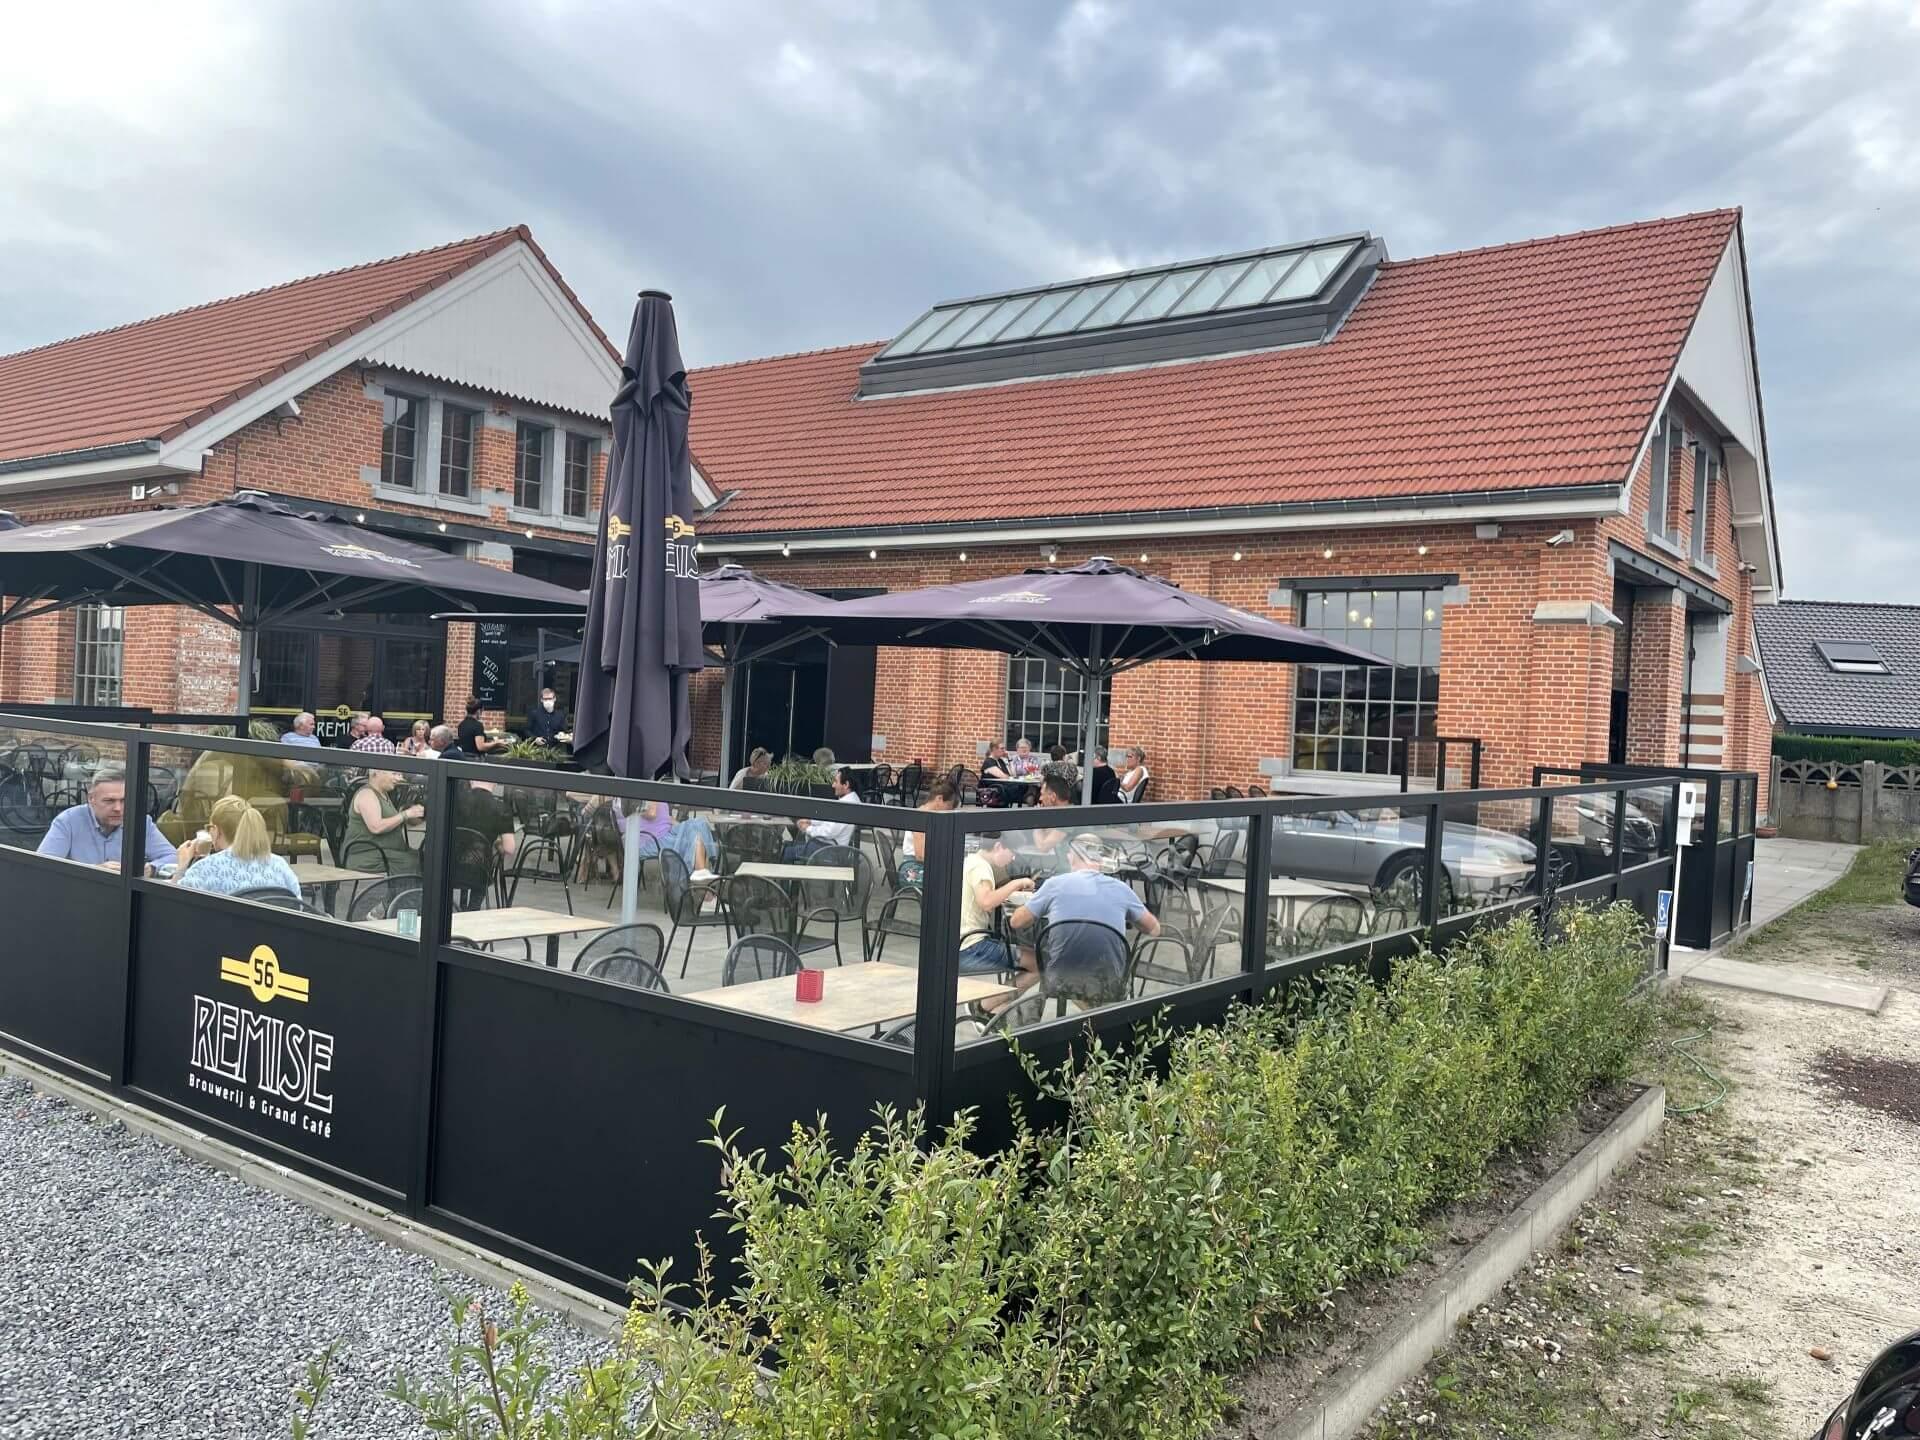 Straatzijde van Brouwerij en Grand Café Remise 56 in Koersel